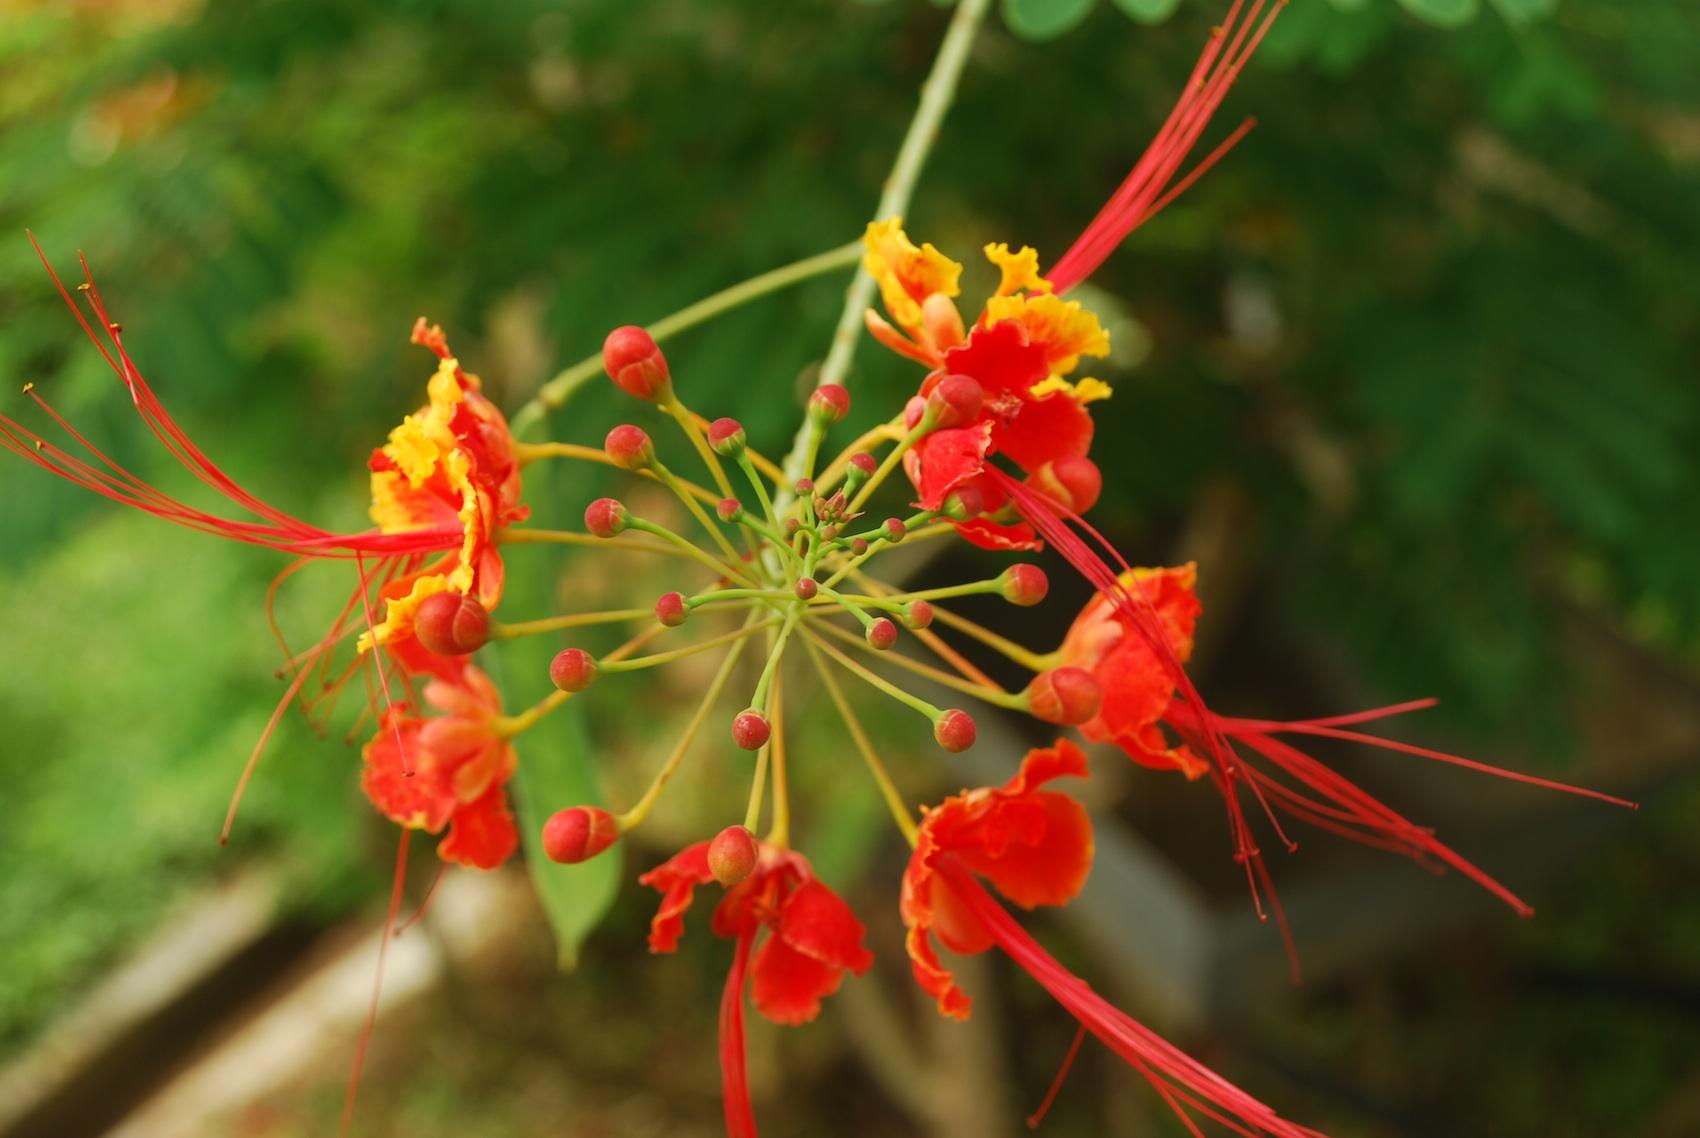 Flowers from Kerala